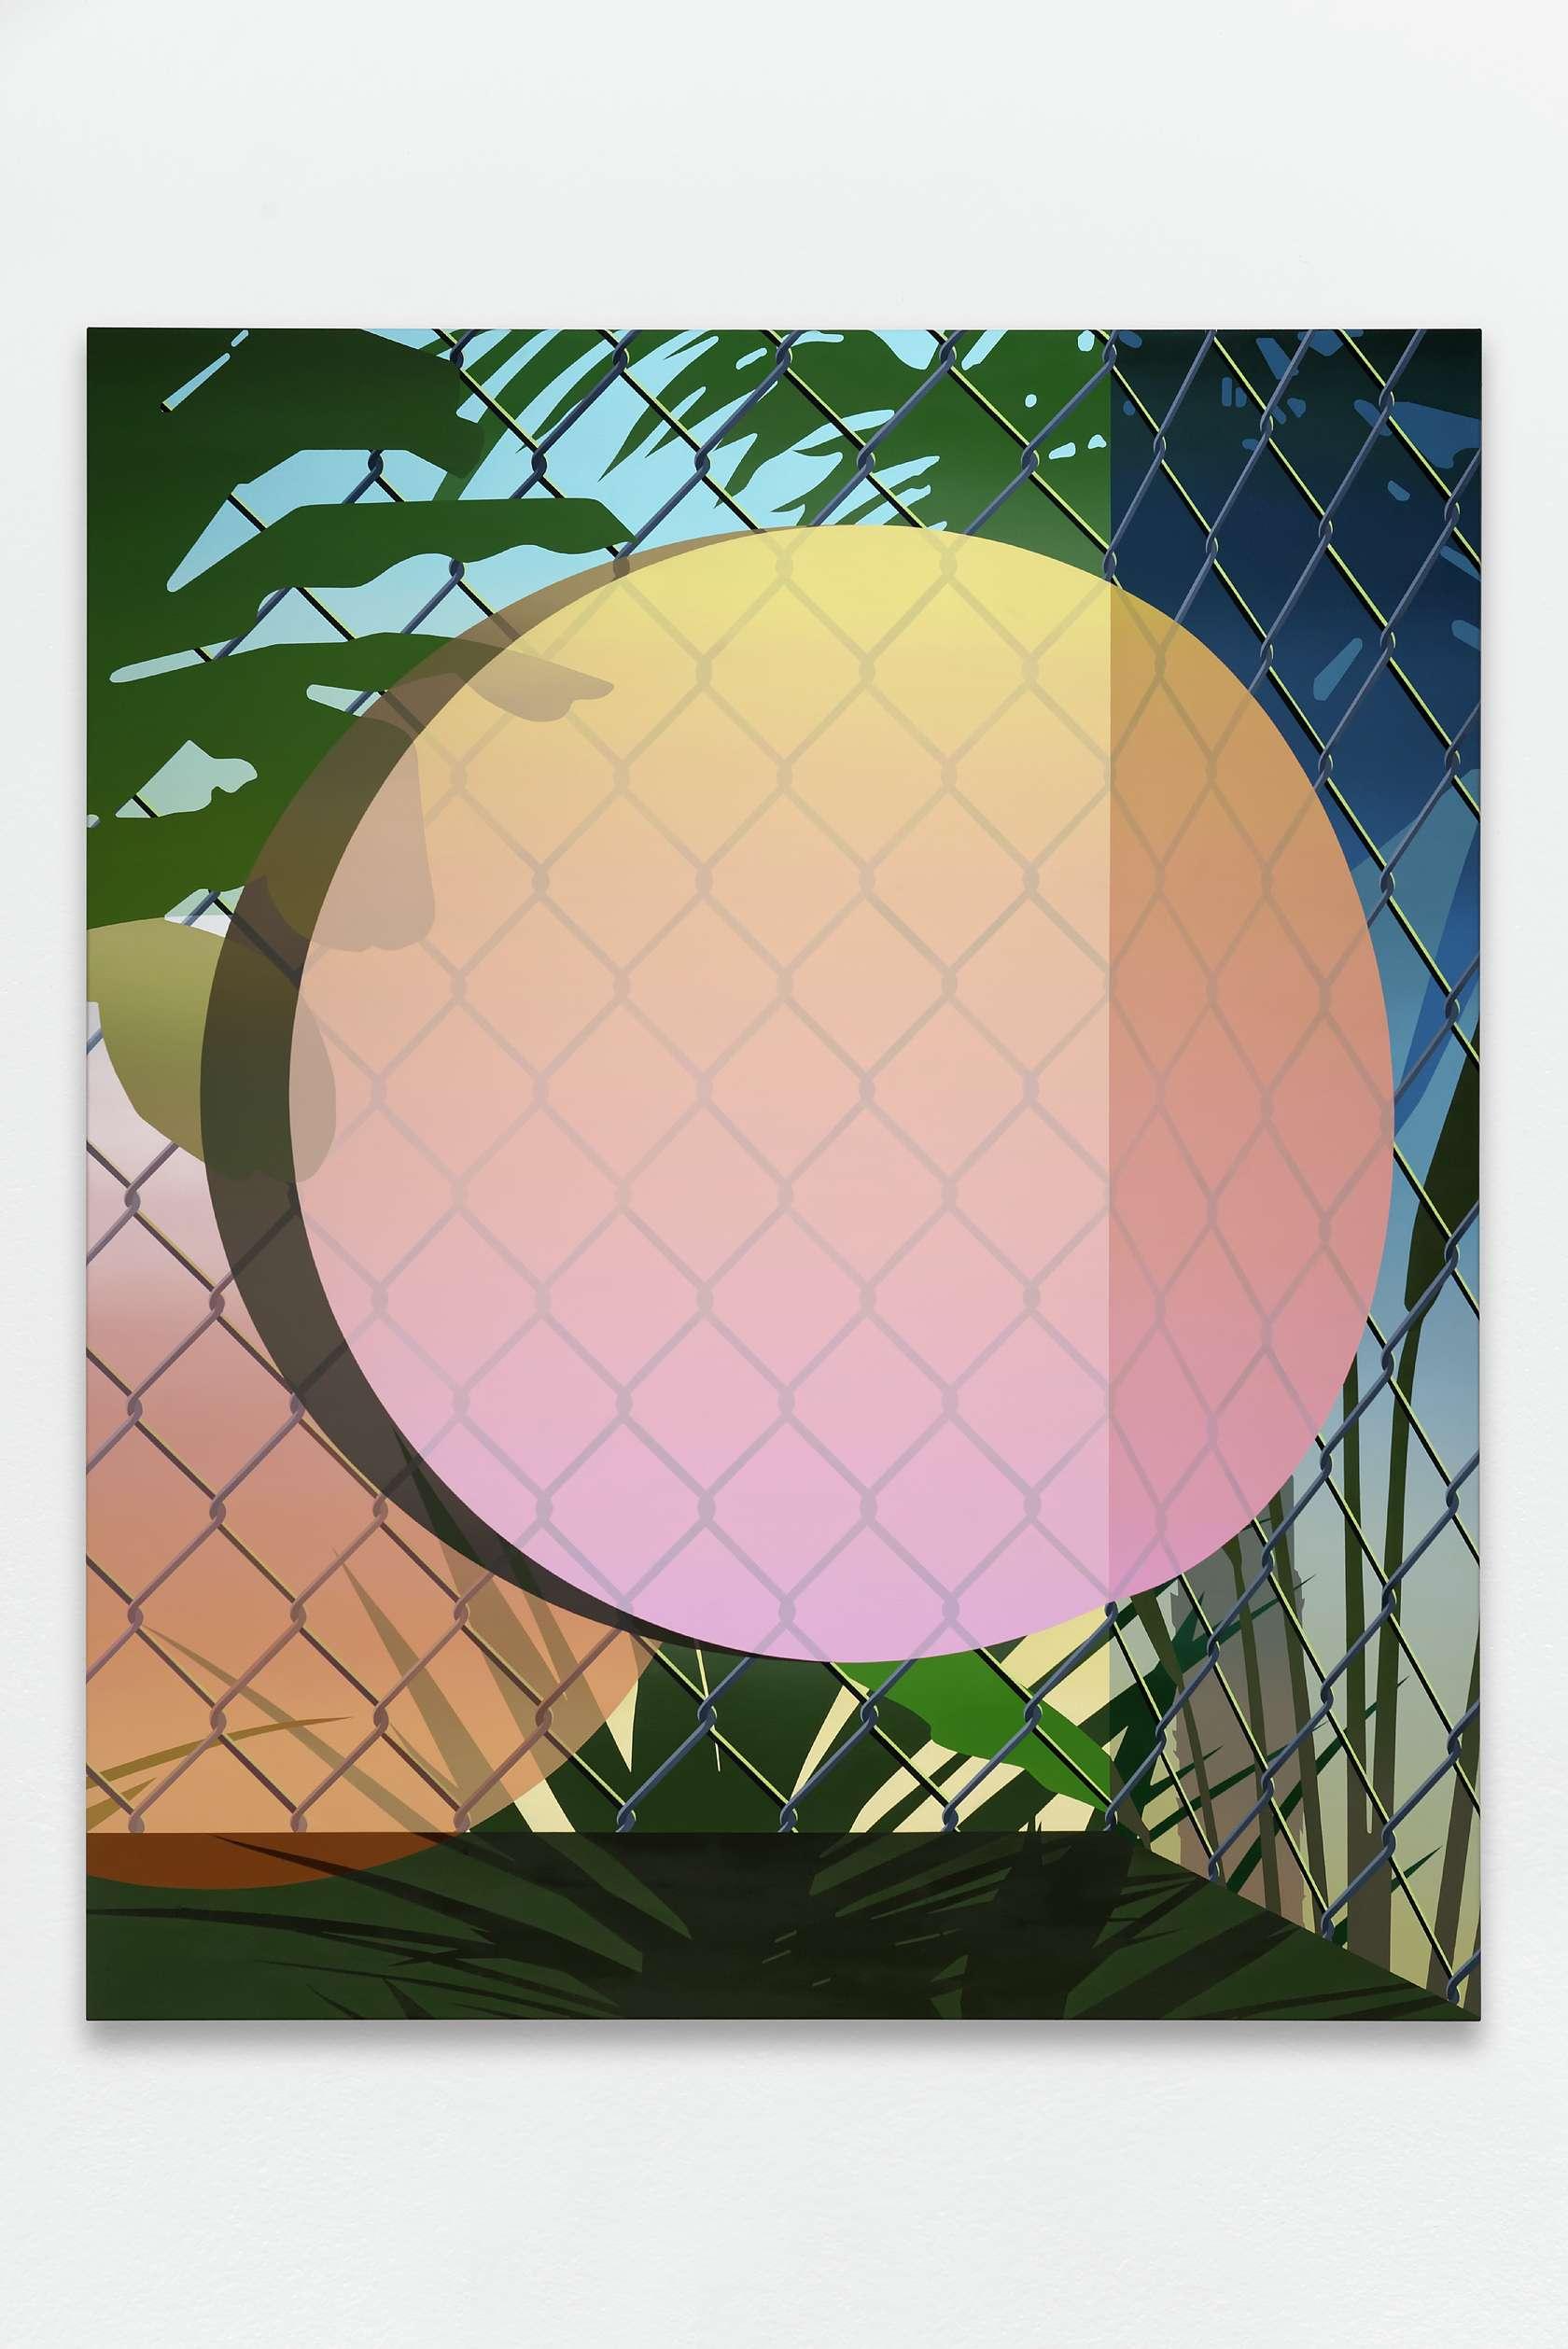 Amélie Bertrand, Attraction, 2016 Huile sur toile170 x 140cm / 66 7/8 x 55 1/8inches